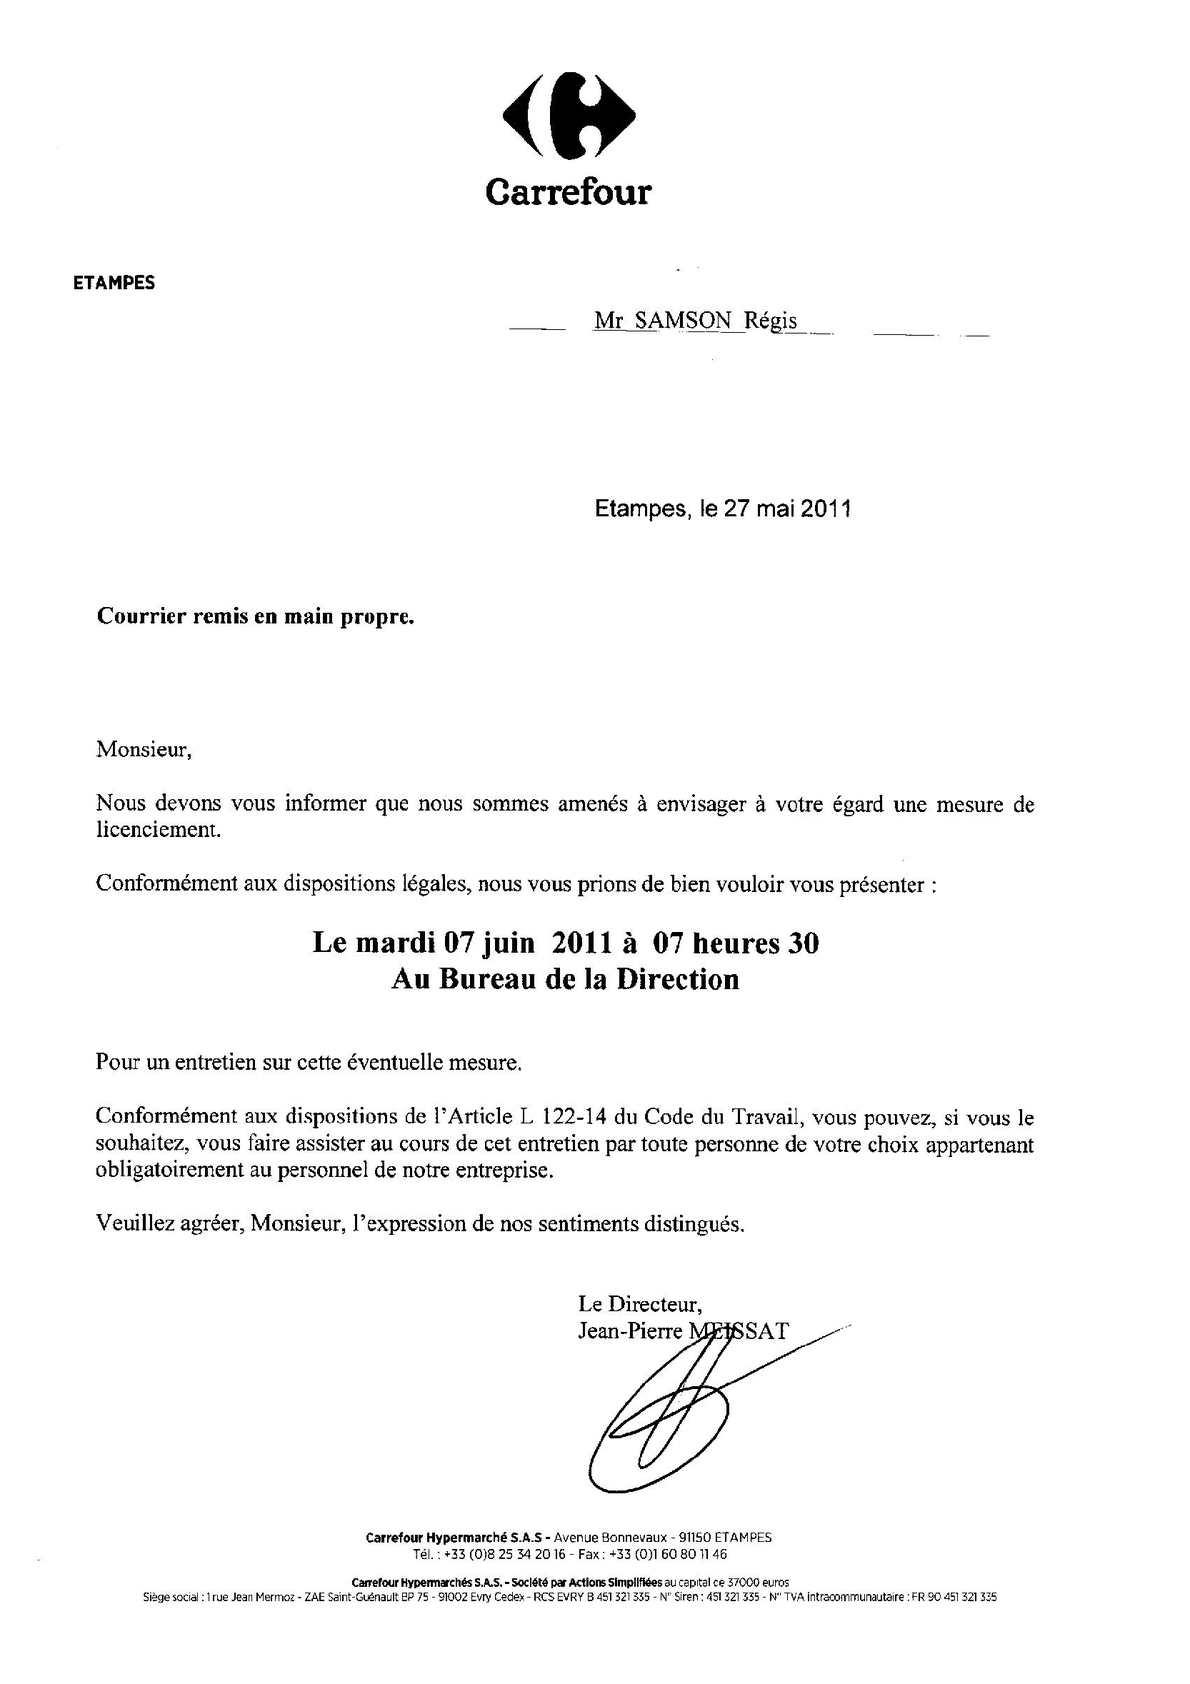 Carrefour Etampes: lettres de convocation pour entretien préalable à licenciement. Régis SAMSON & Carlos DA CRUZ